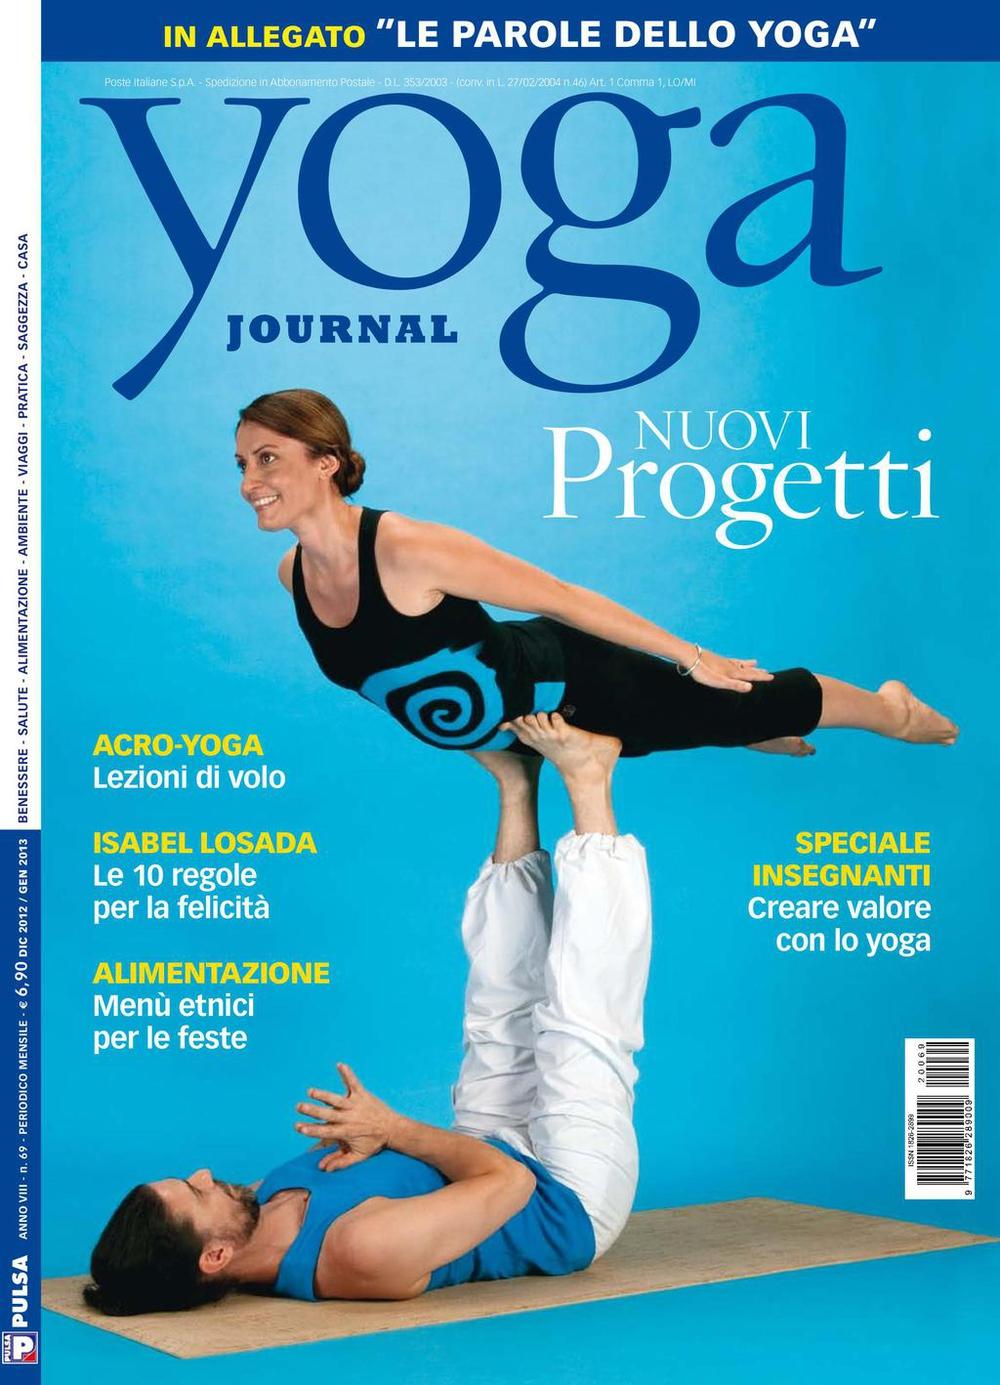 Yoga Journal n. 69